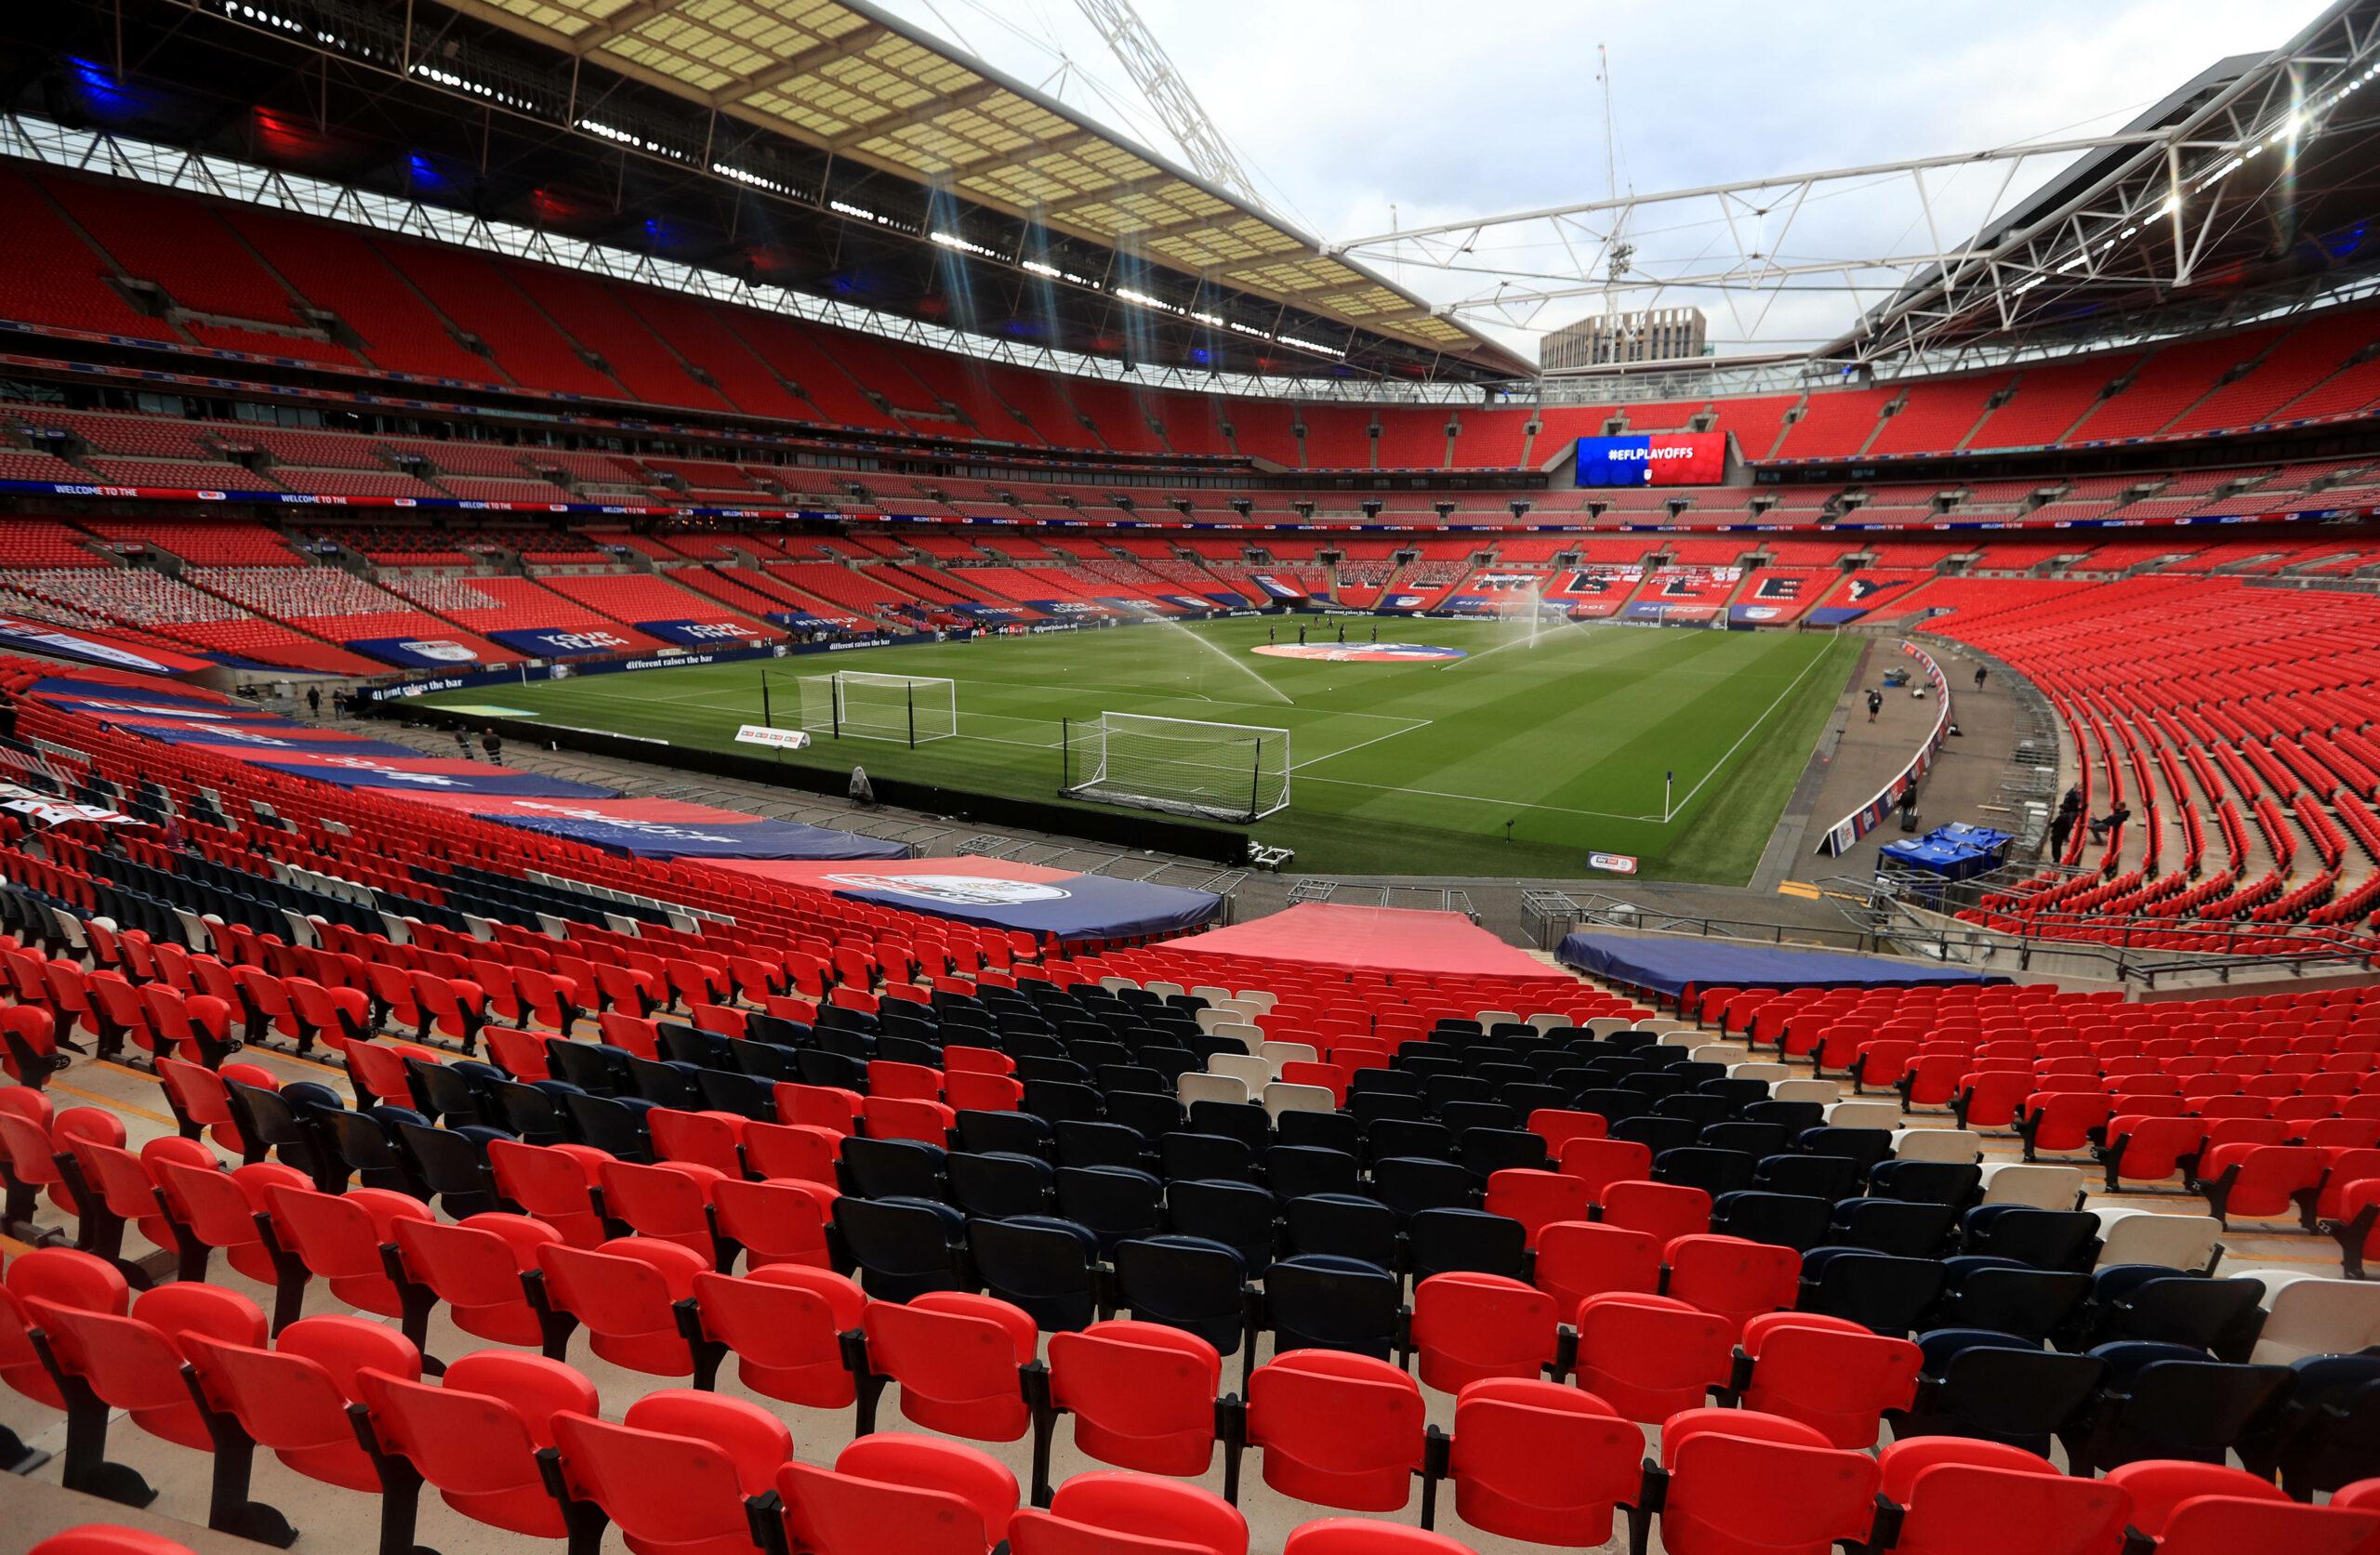 EM 2021 Wembley